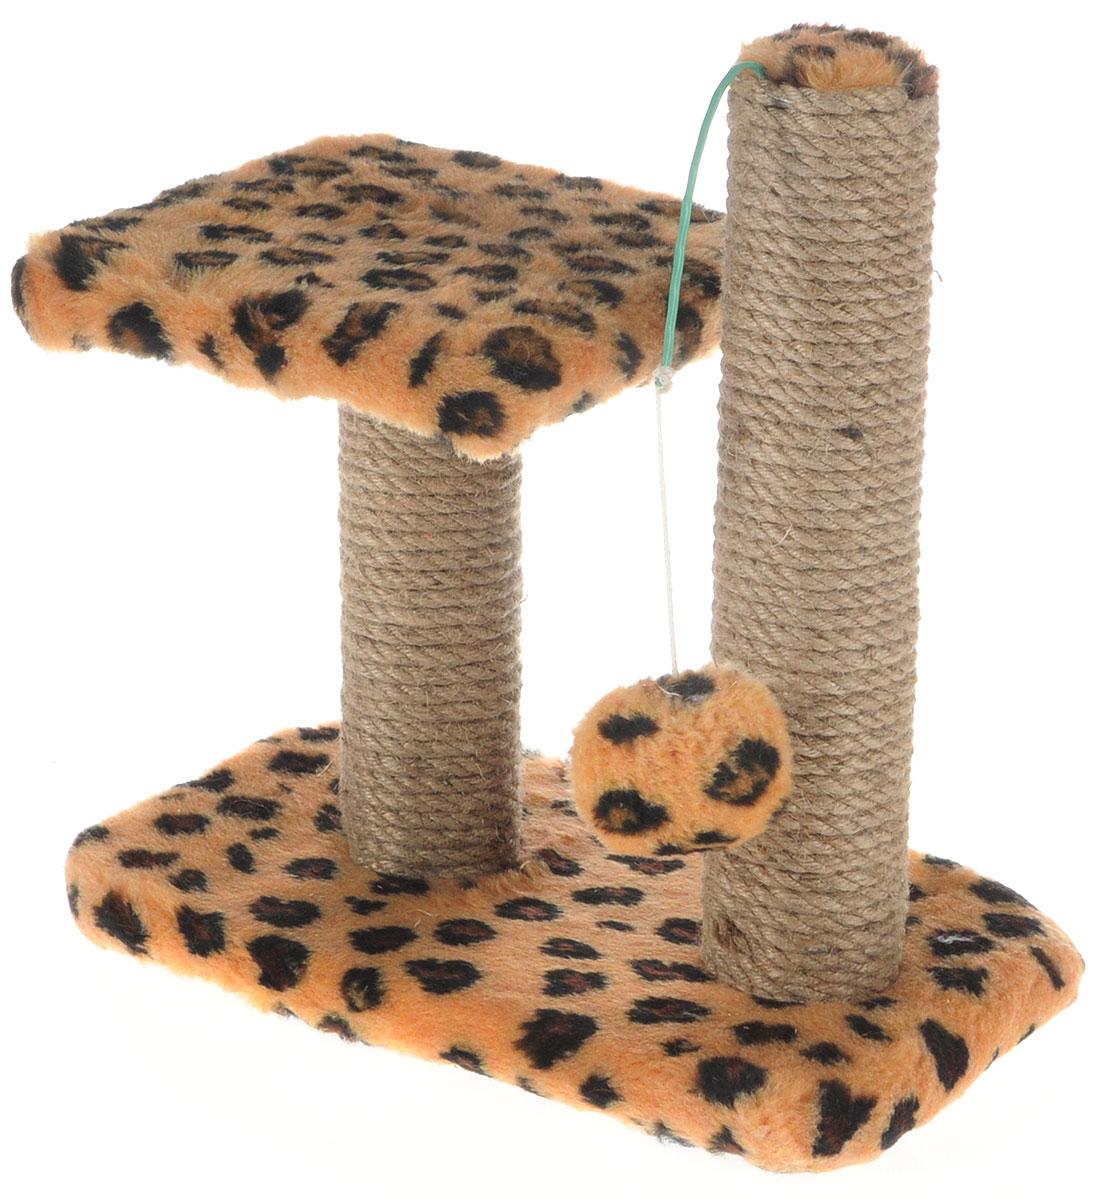 Когтеточка для котят Меридиан, двойная, цвет: коричневый, черный, бежевый, 30 х 20 х 34 см когтеточка для котят меридиан цветы двойная цвет белый светло коричневый 30 х 20 х 34 см